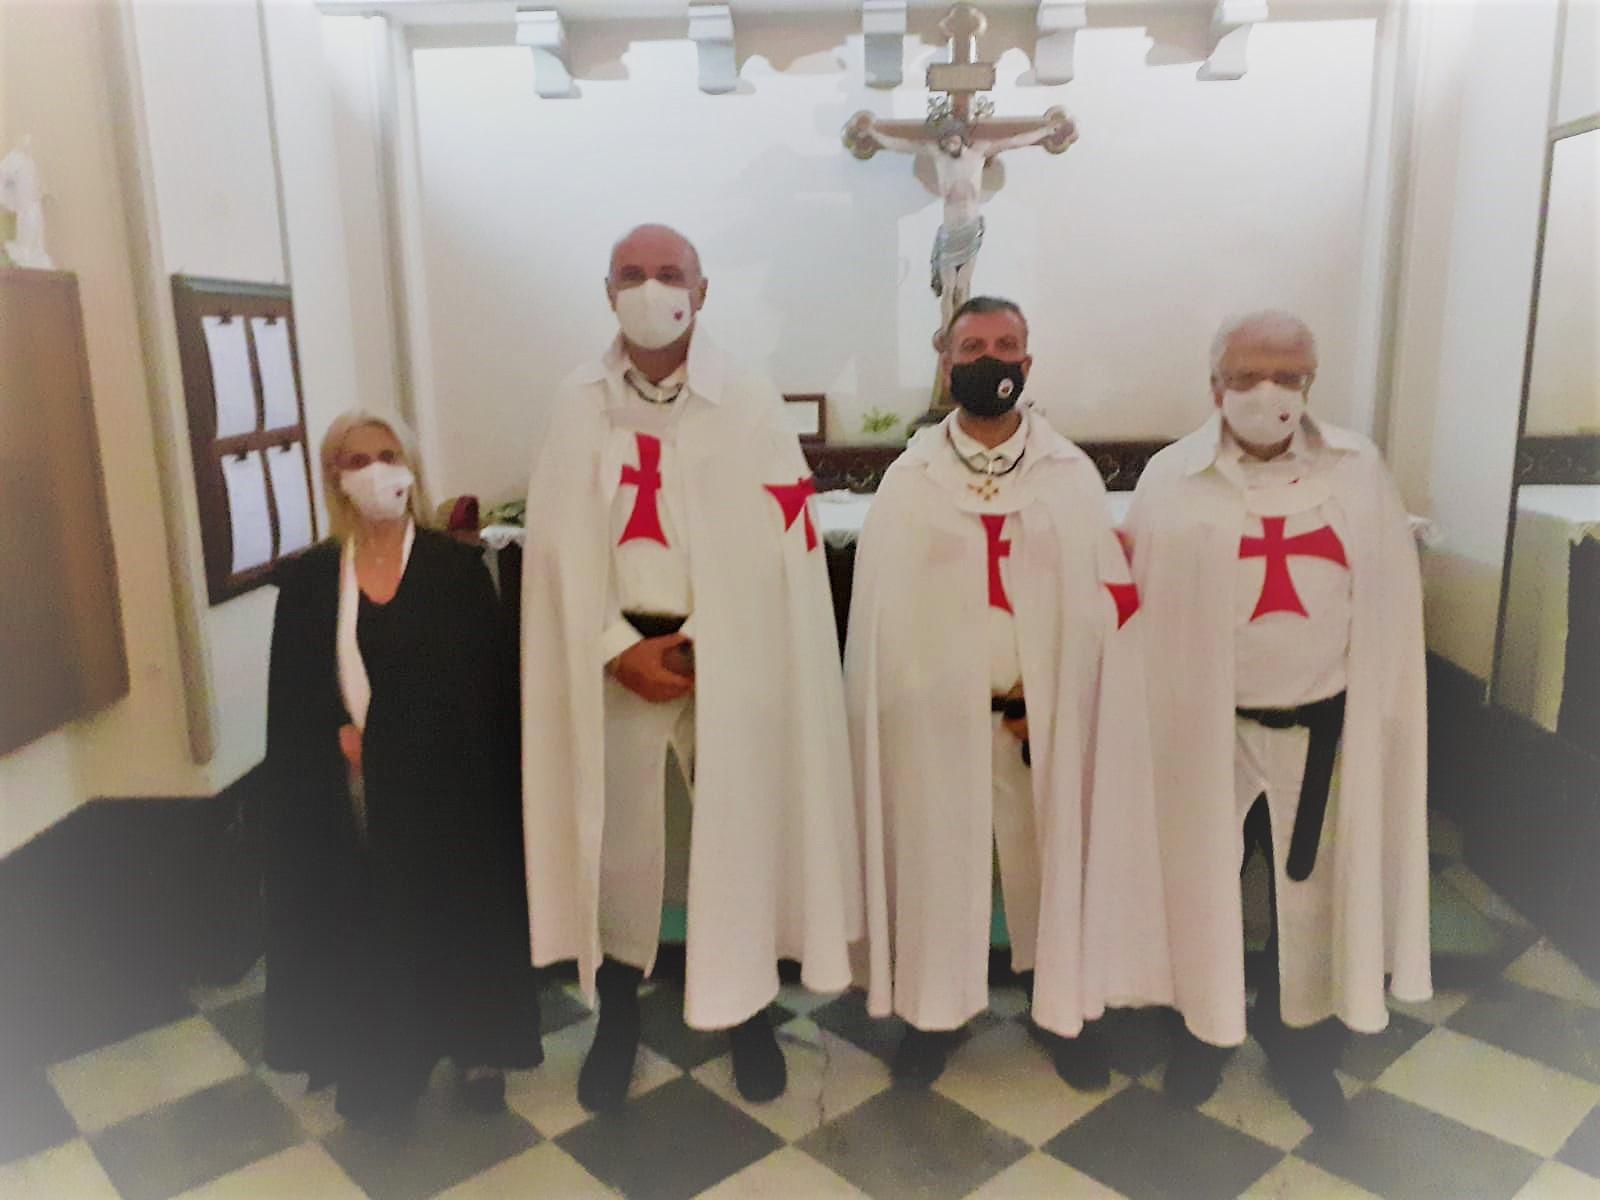 Custodia Chiesa di Sant'Alfonso all'Esquilino – Roma 18.09.2021